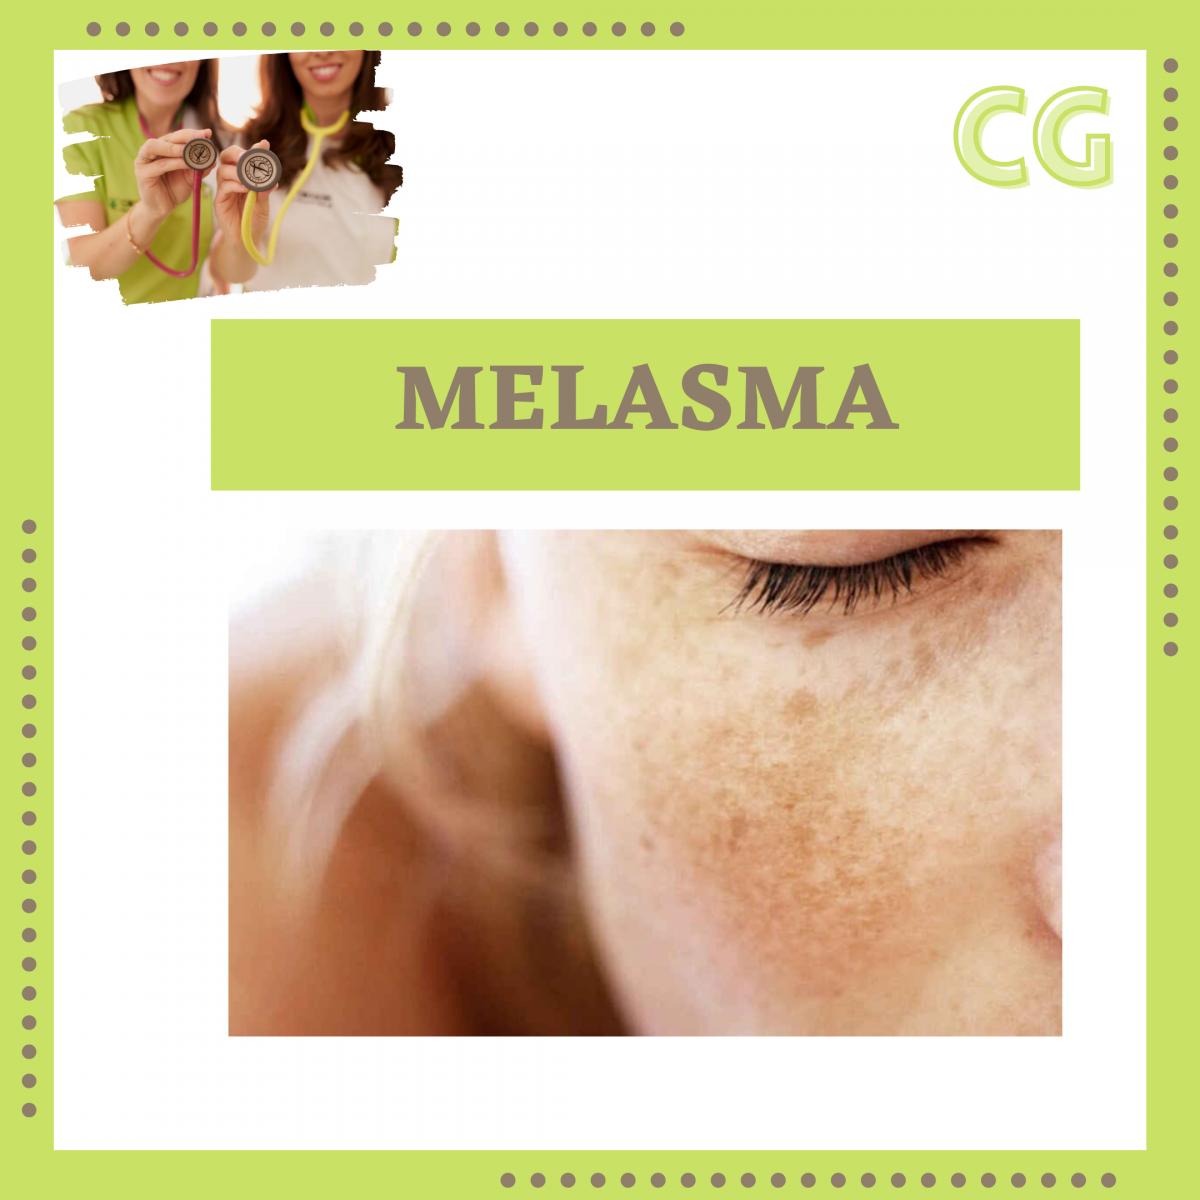 03 MELASMA 1200x1200 - Medicina Estética